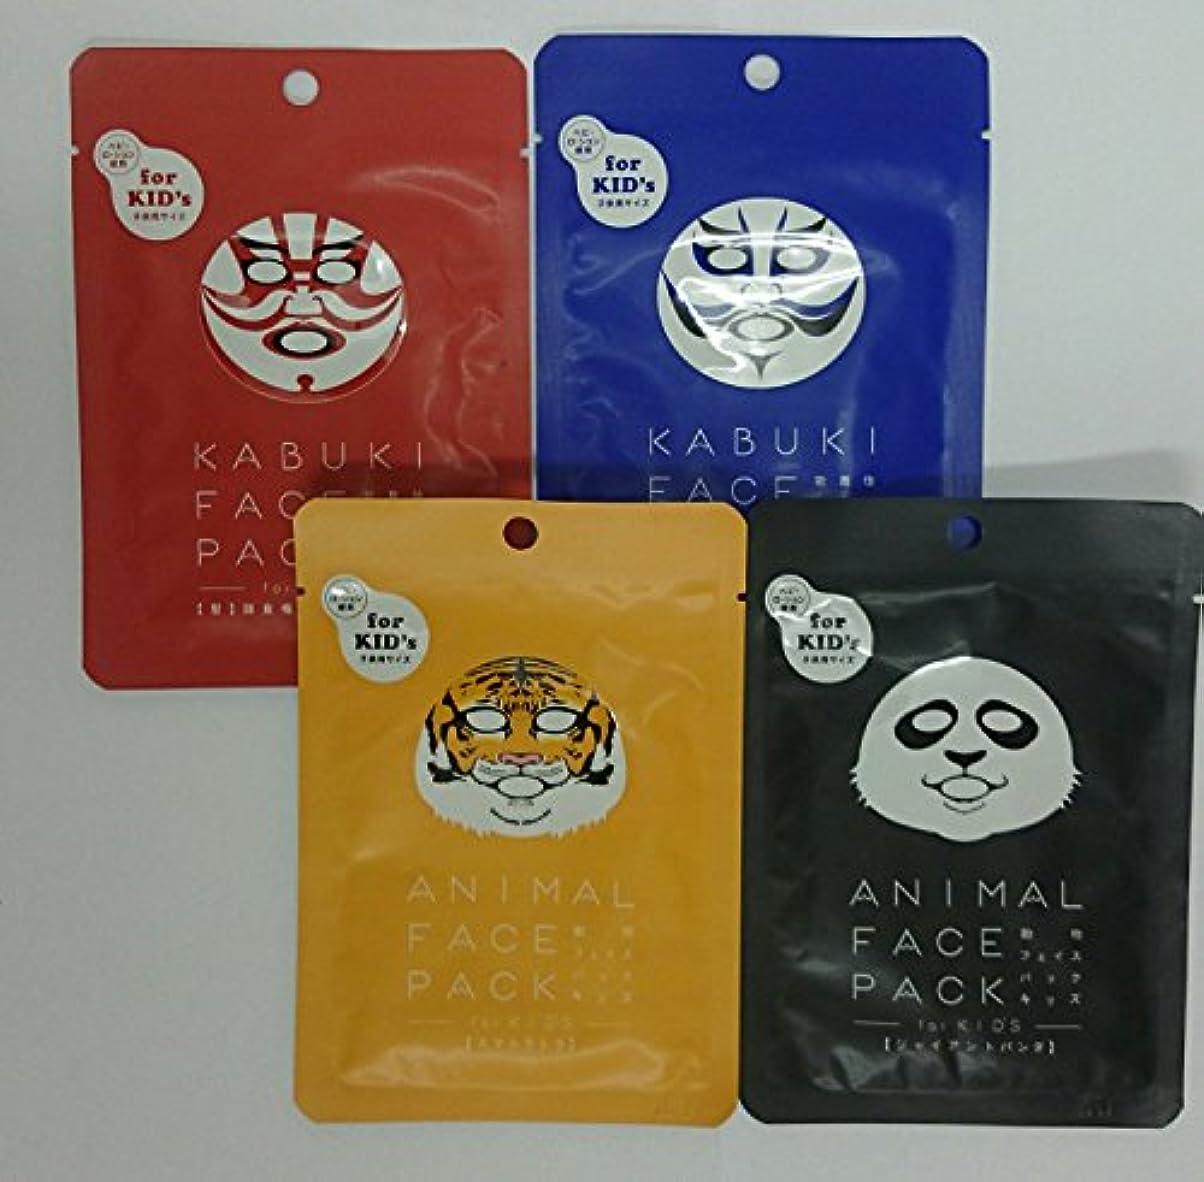 ご意見うん独特の歌舞伎フェイスパック 子供用 KABUKI FACE PACK For Kids パンダ トラも! ベビーローション使用 4個セット